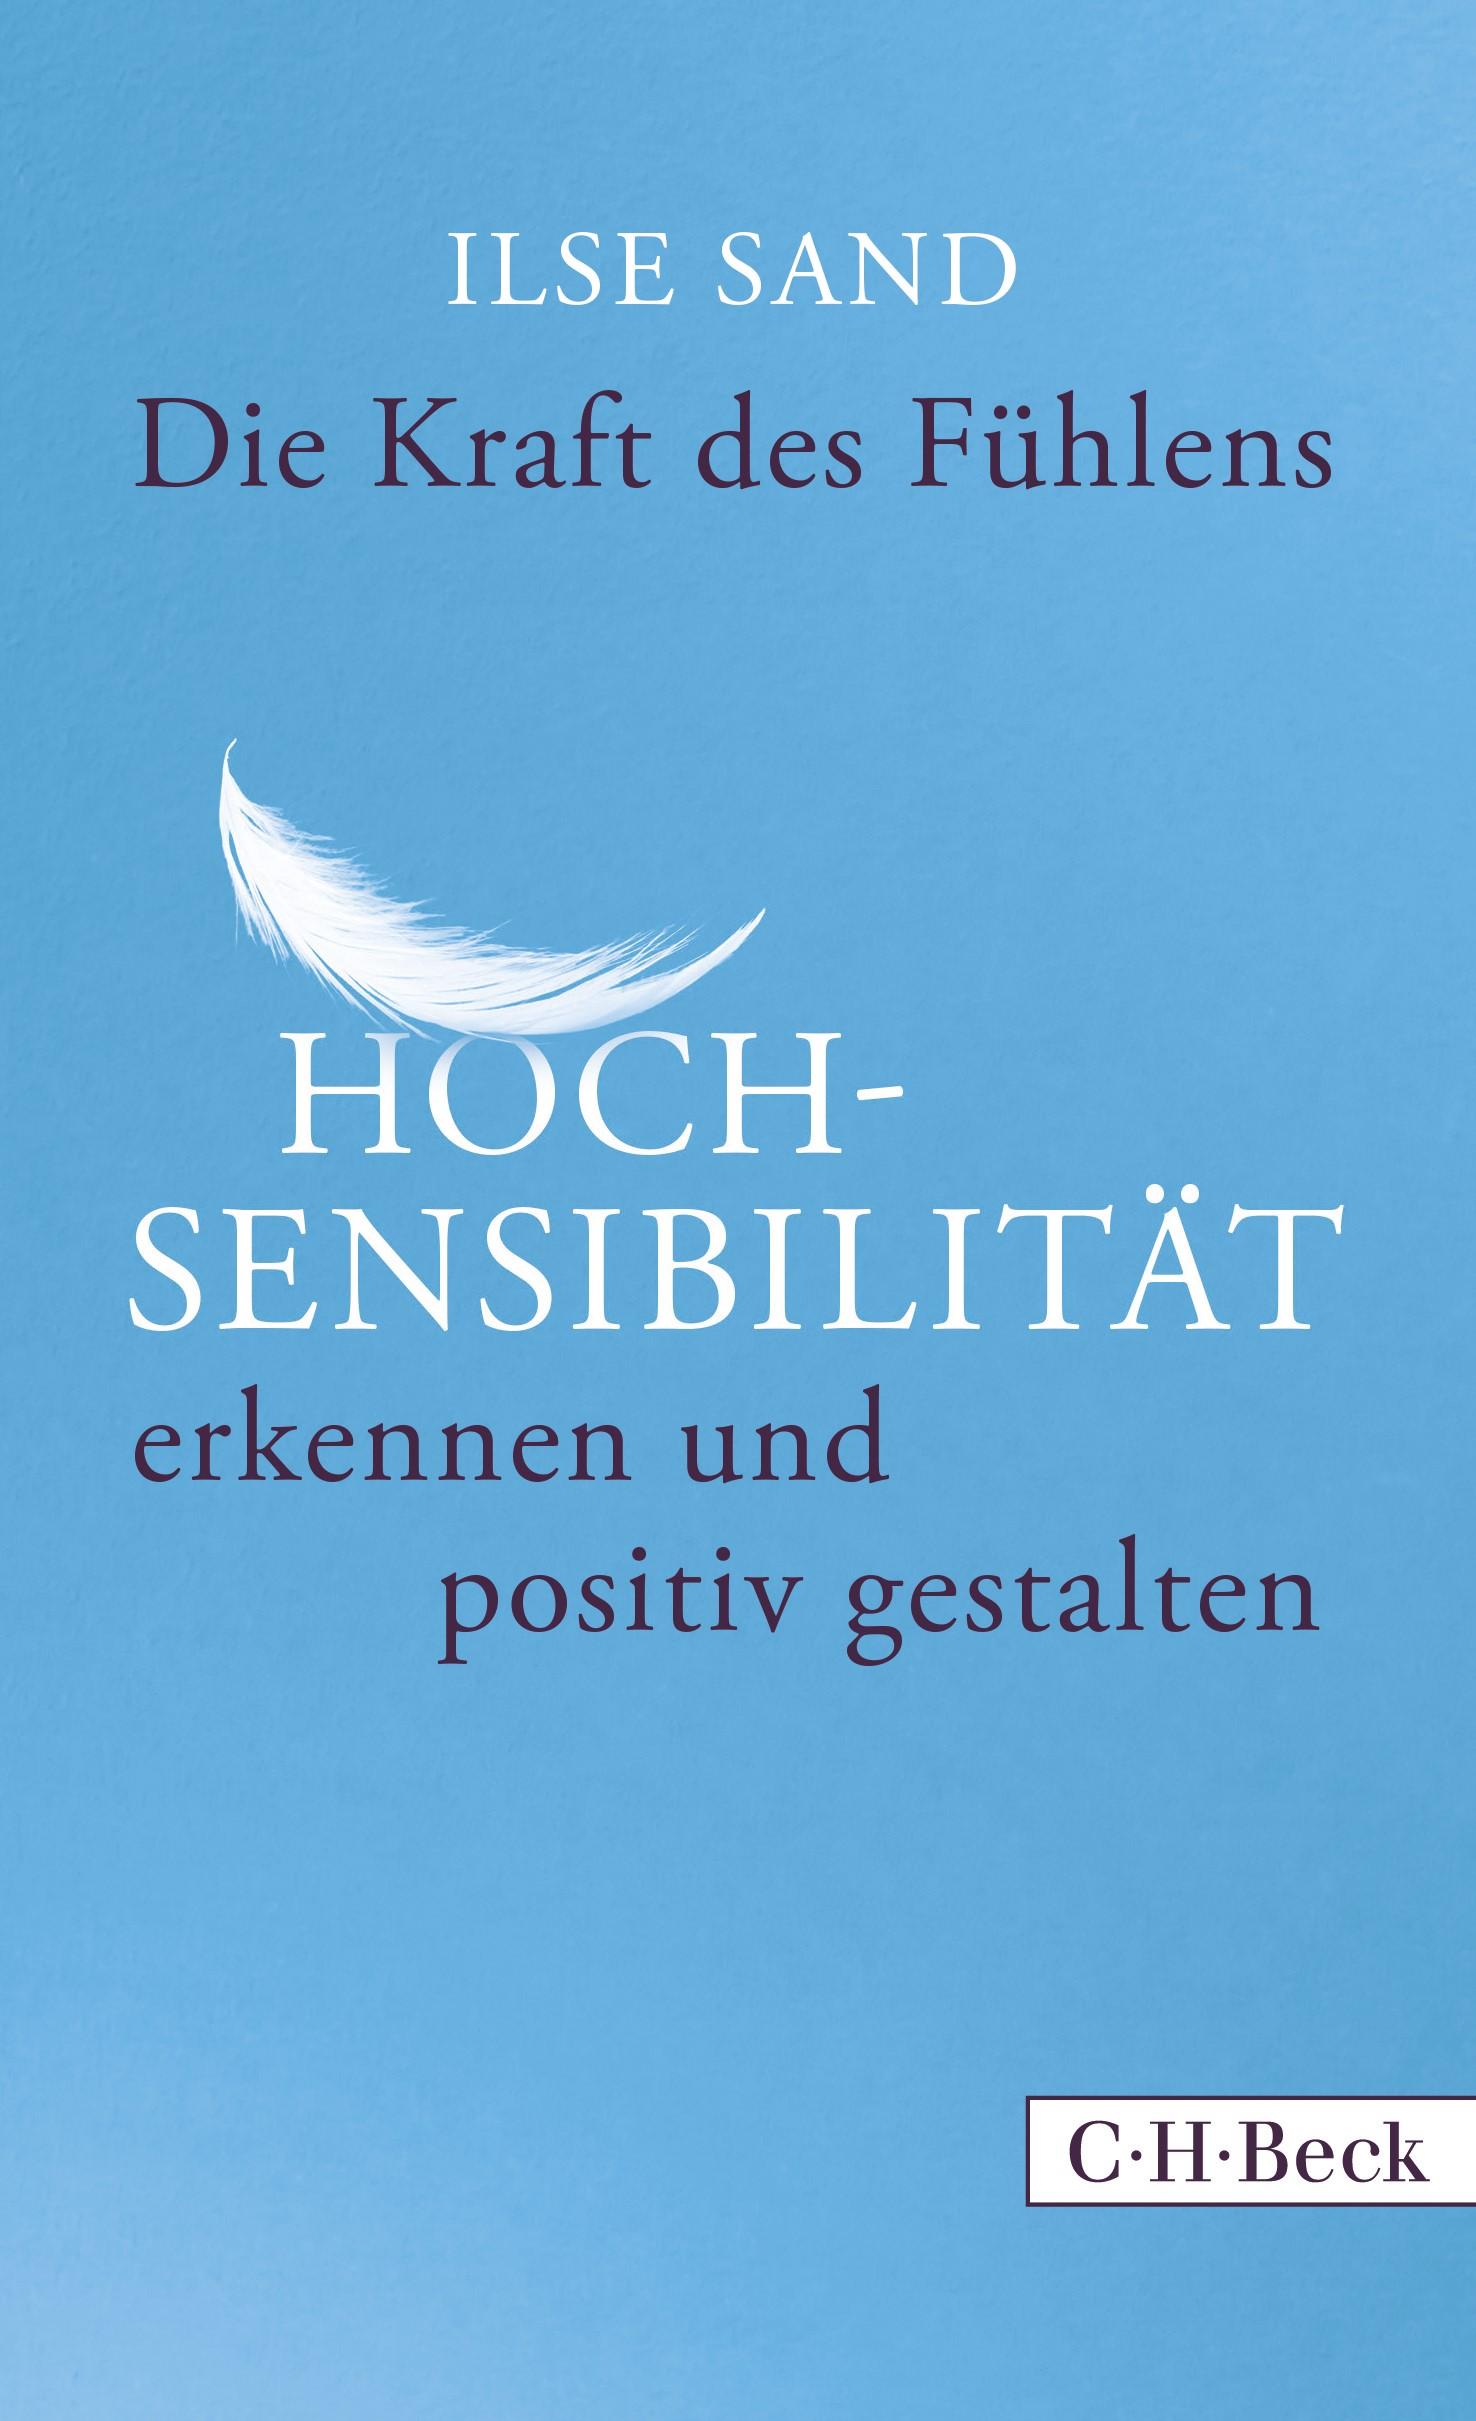 Cover des Buches 'Die Kraft des Fühlens'